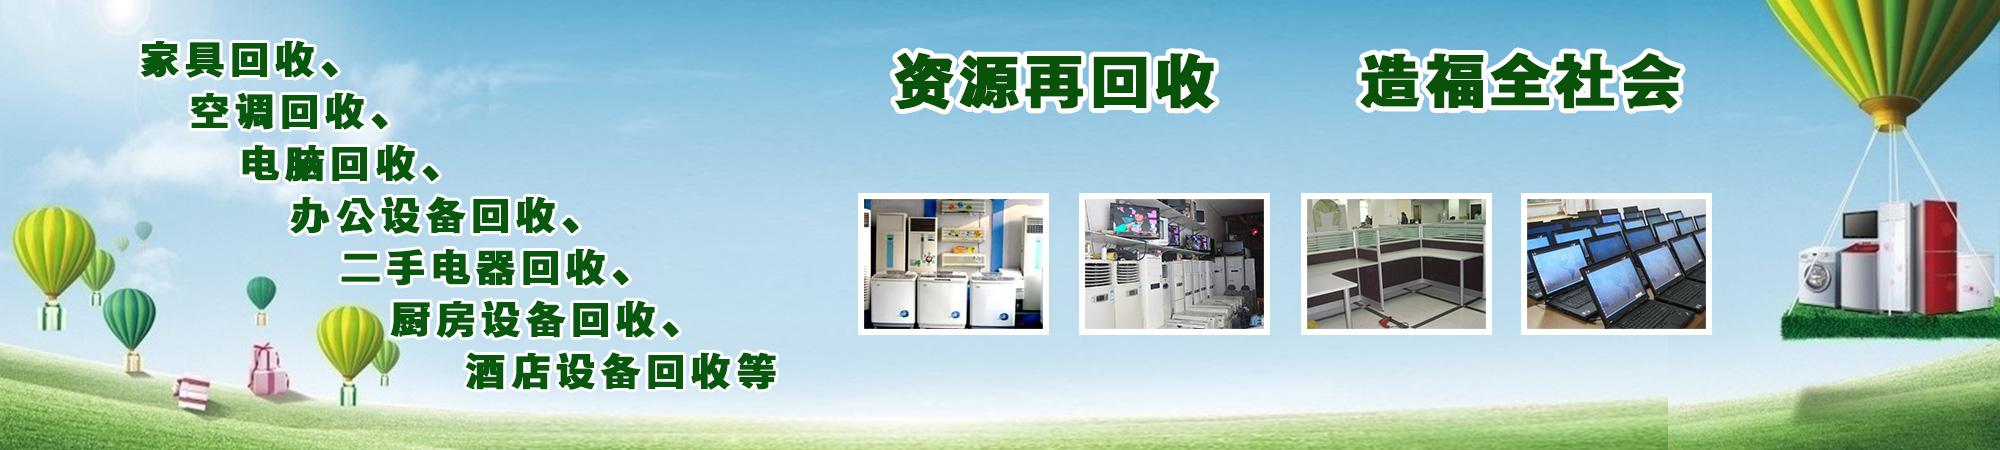 杭州家具回收,办公家具回收,厨房设备回收